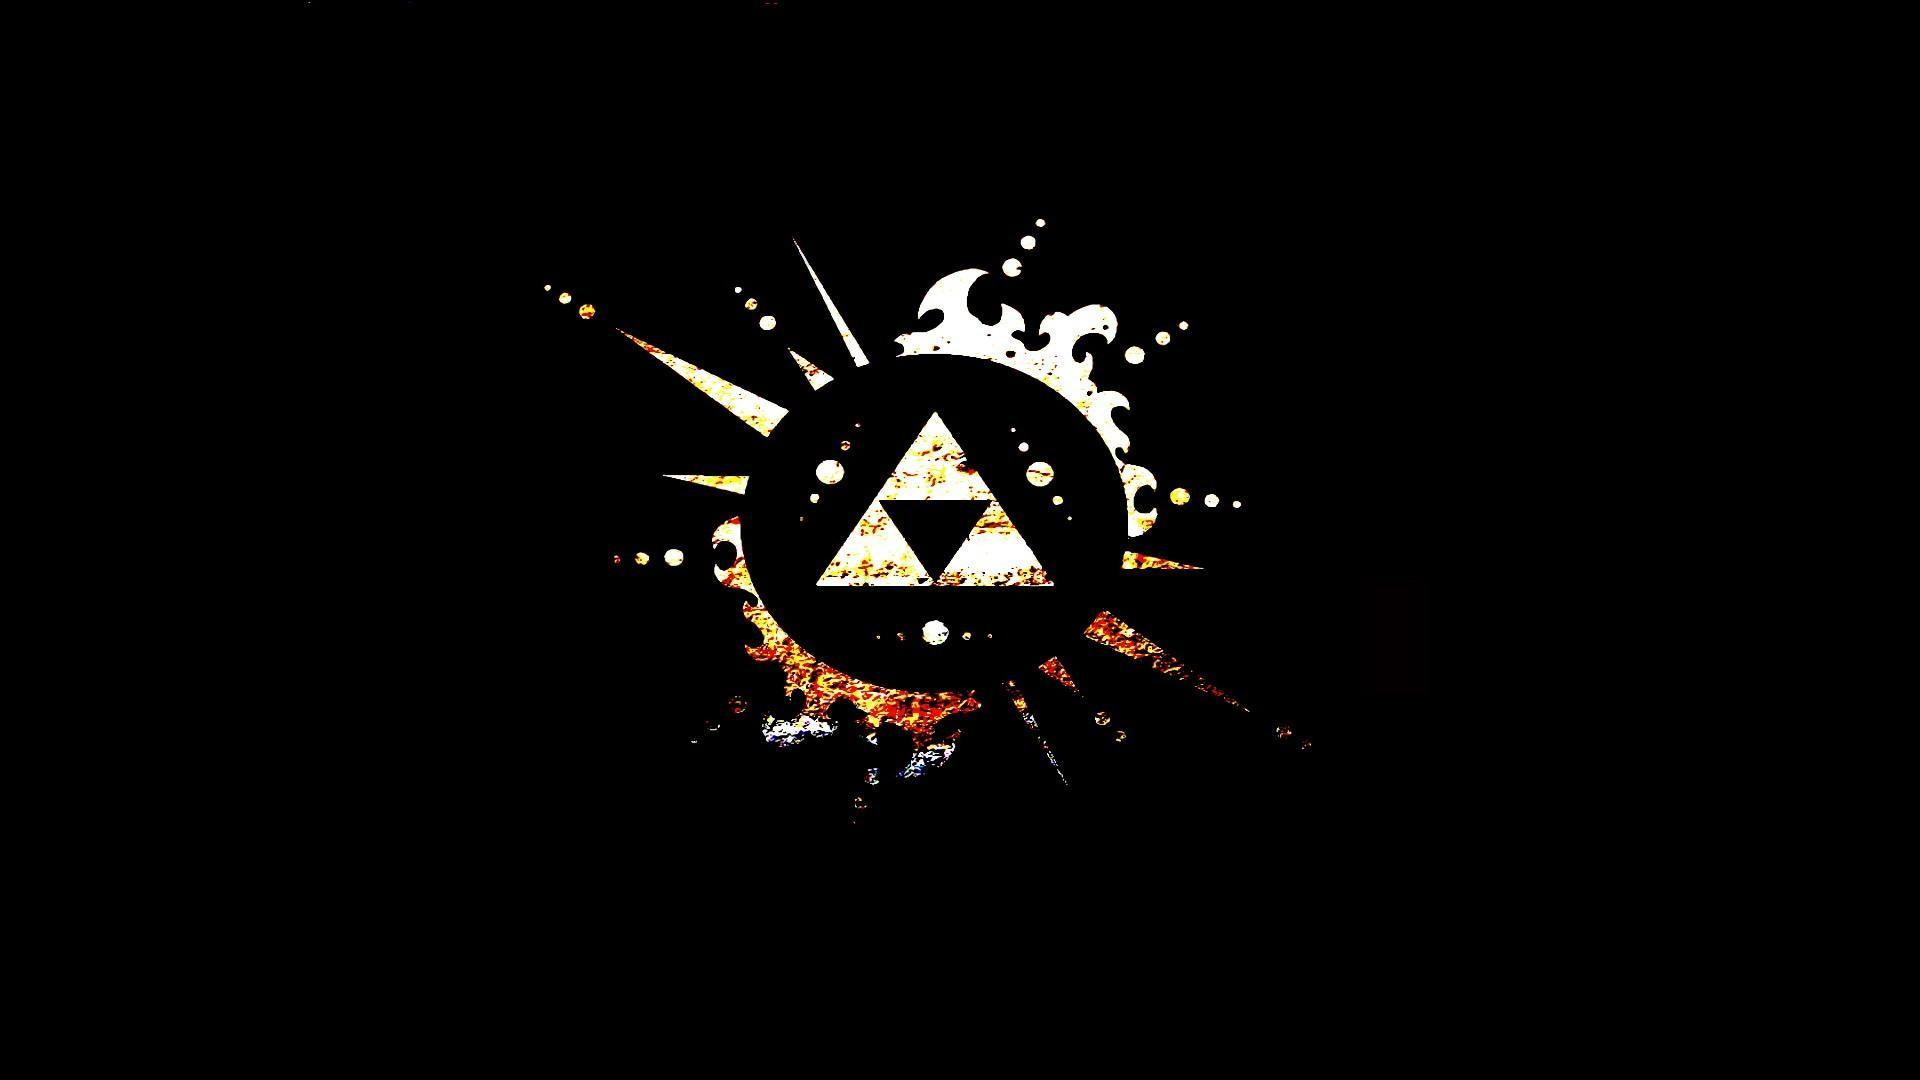 Legend Of Zelda Link Wallpapers Wallpaper 1920×1080 Link Wallpaper (47  Wallpapers)   Adorable Wallpapers   Wallpapers   Pinterest   Wallpaper and  Wallpaper …